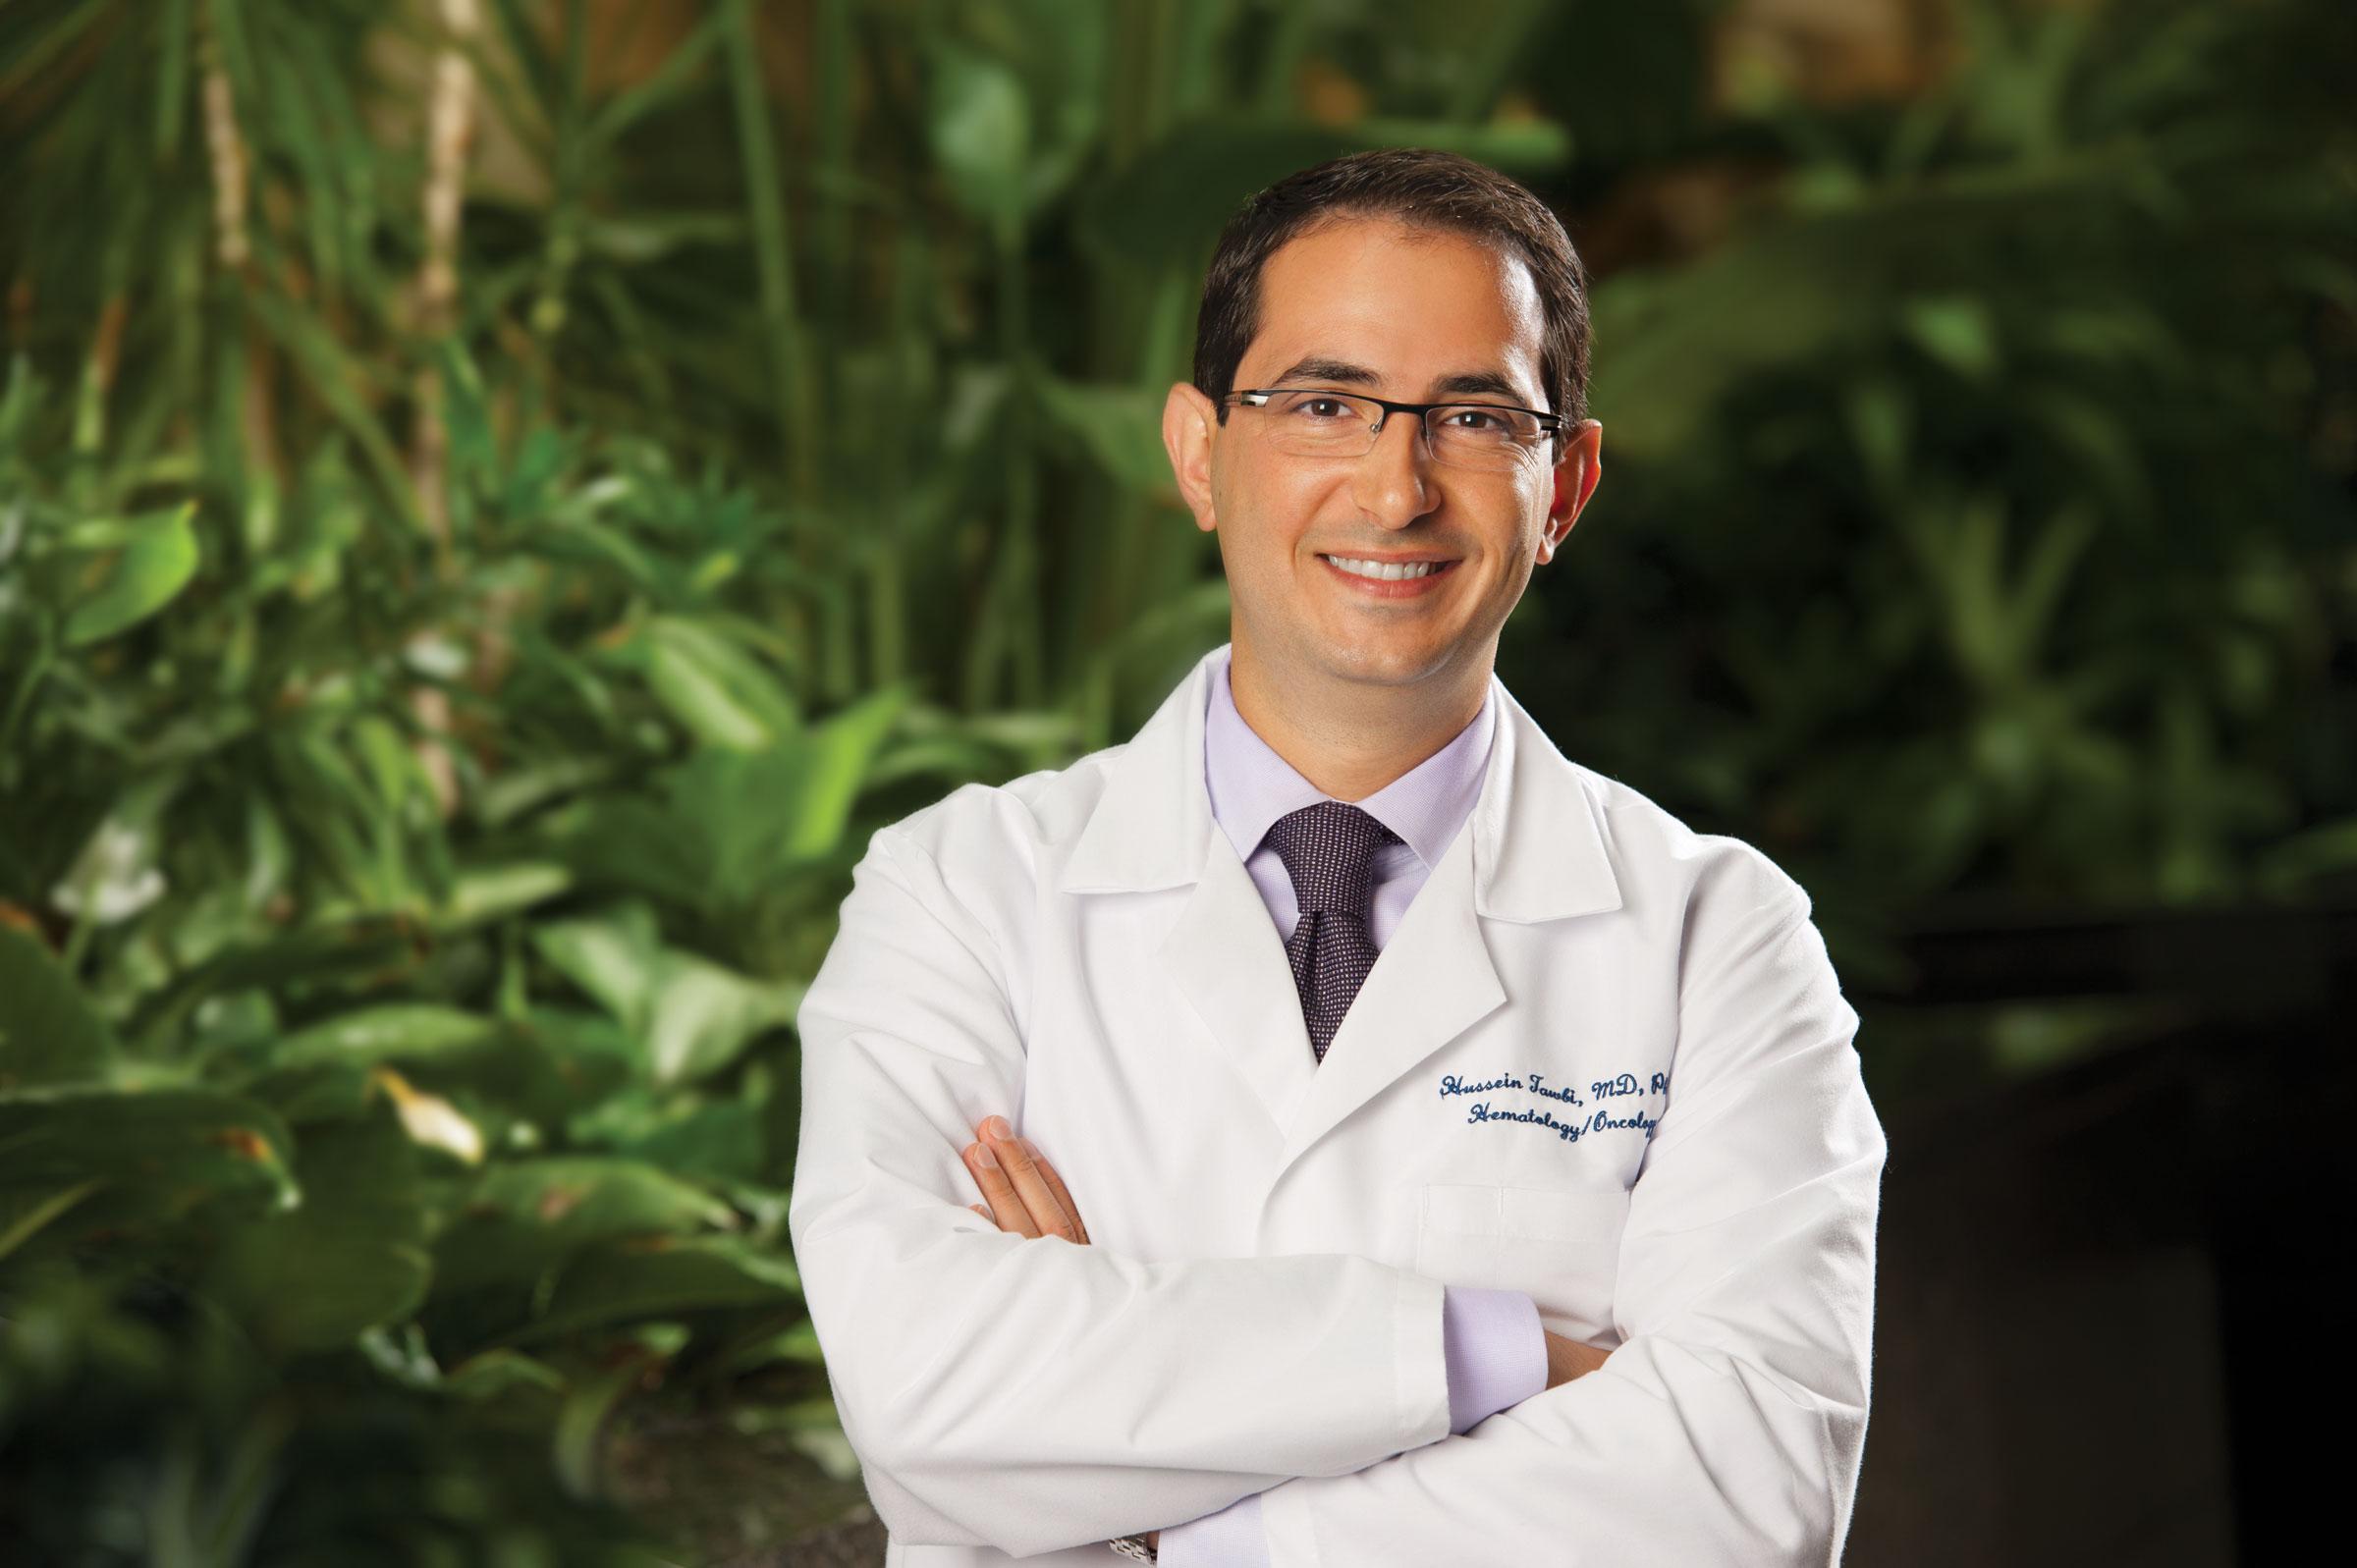 دكتور من بلدة عيترون الجنوبية.. يسطع نجمه في بلاد الغرب.. ويتصدر الصحف بنجاجه :   الدكتور حسين توبي  .